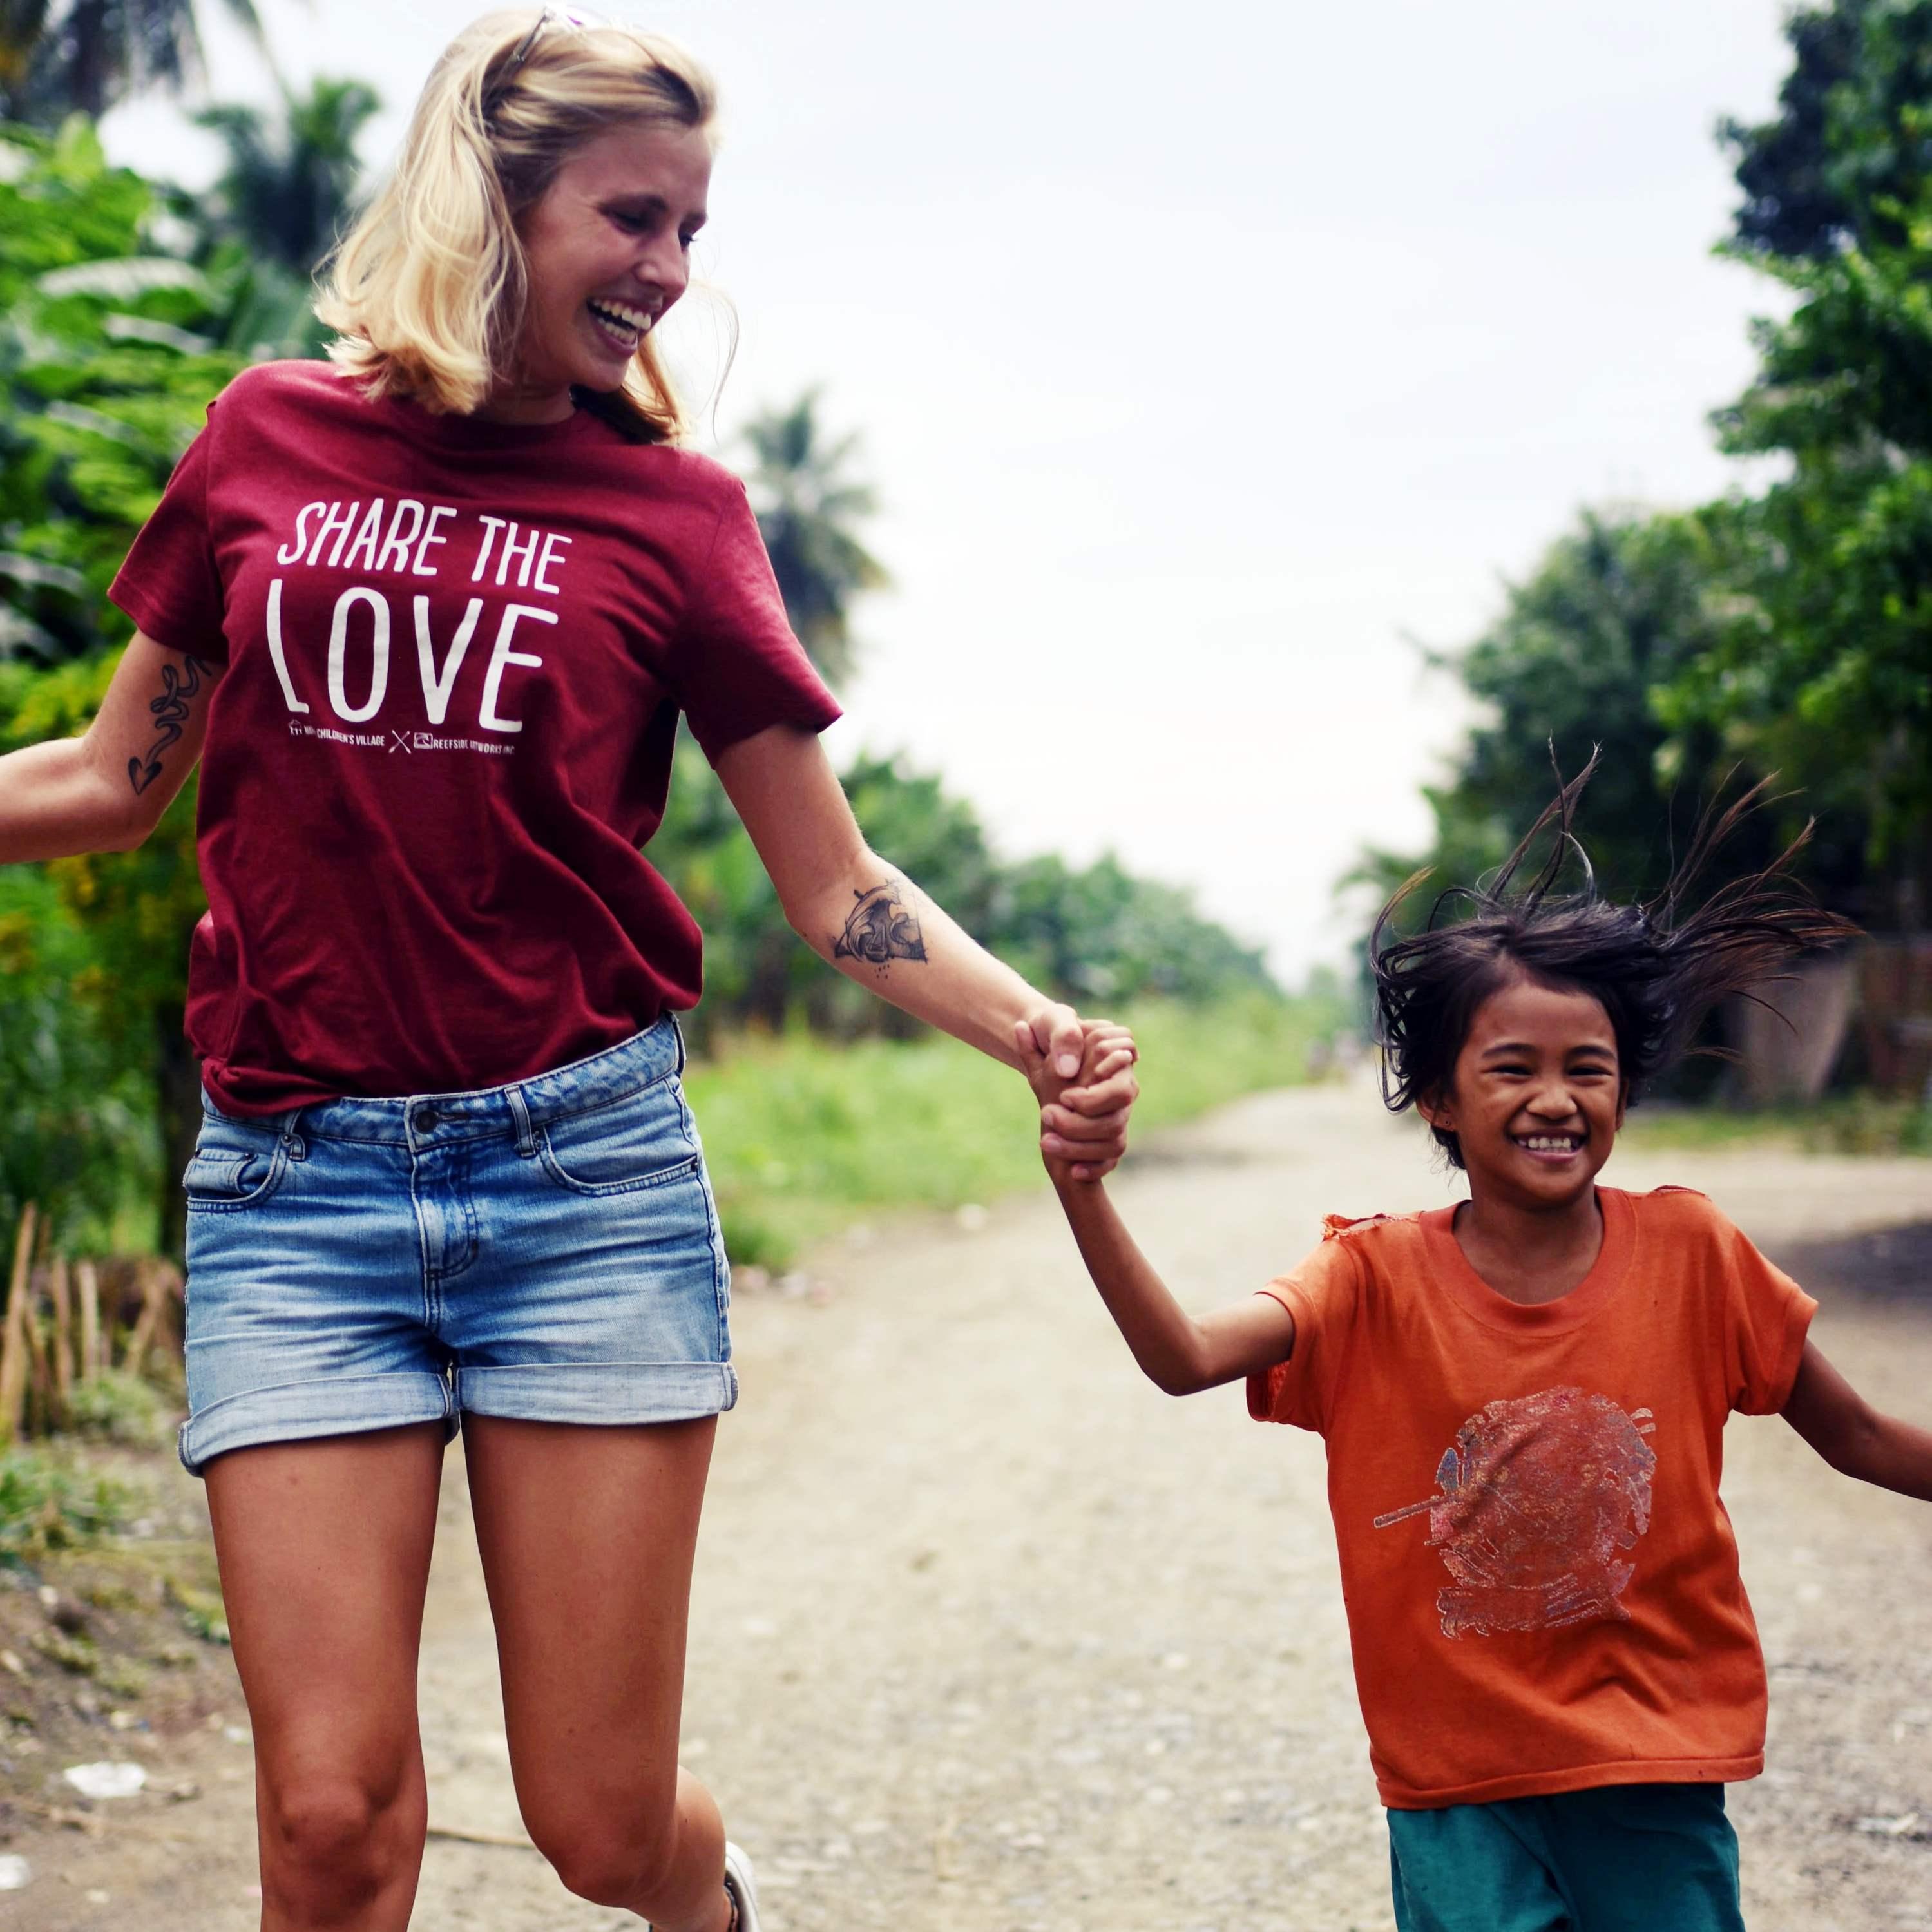 DSC 8617 - Share the love T-shirts